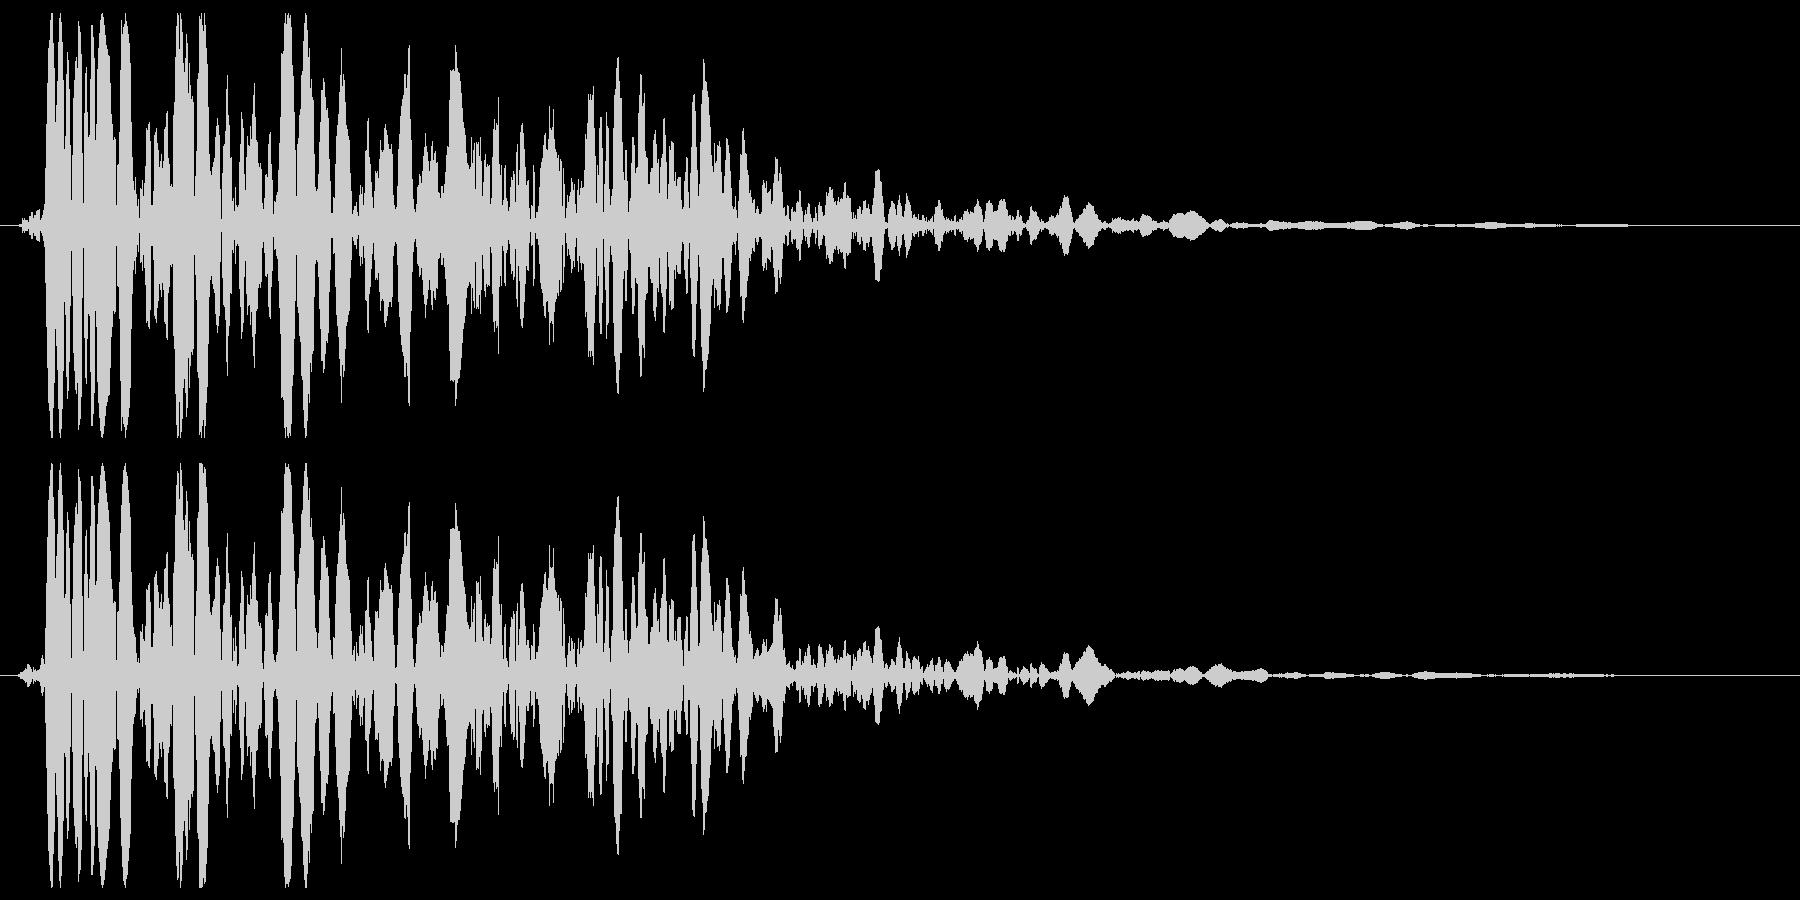 ザザーン(雪や砂の効果音)の未再生の波形